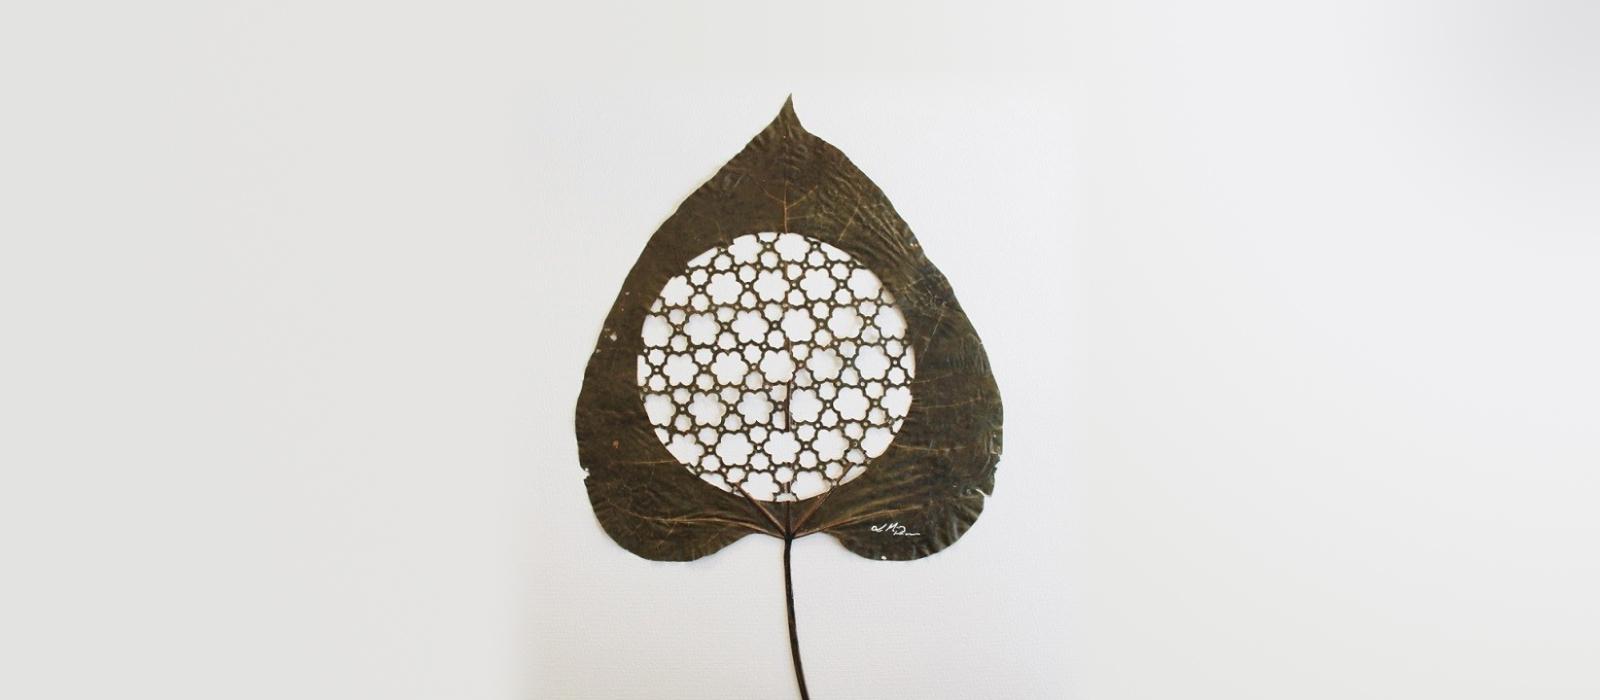 Arte otoñal con hojas cortadas con extraordinaria precisión